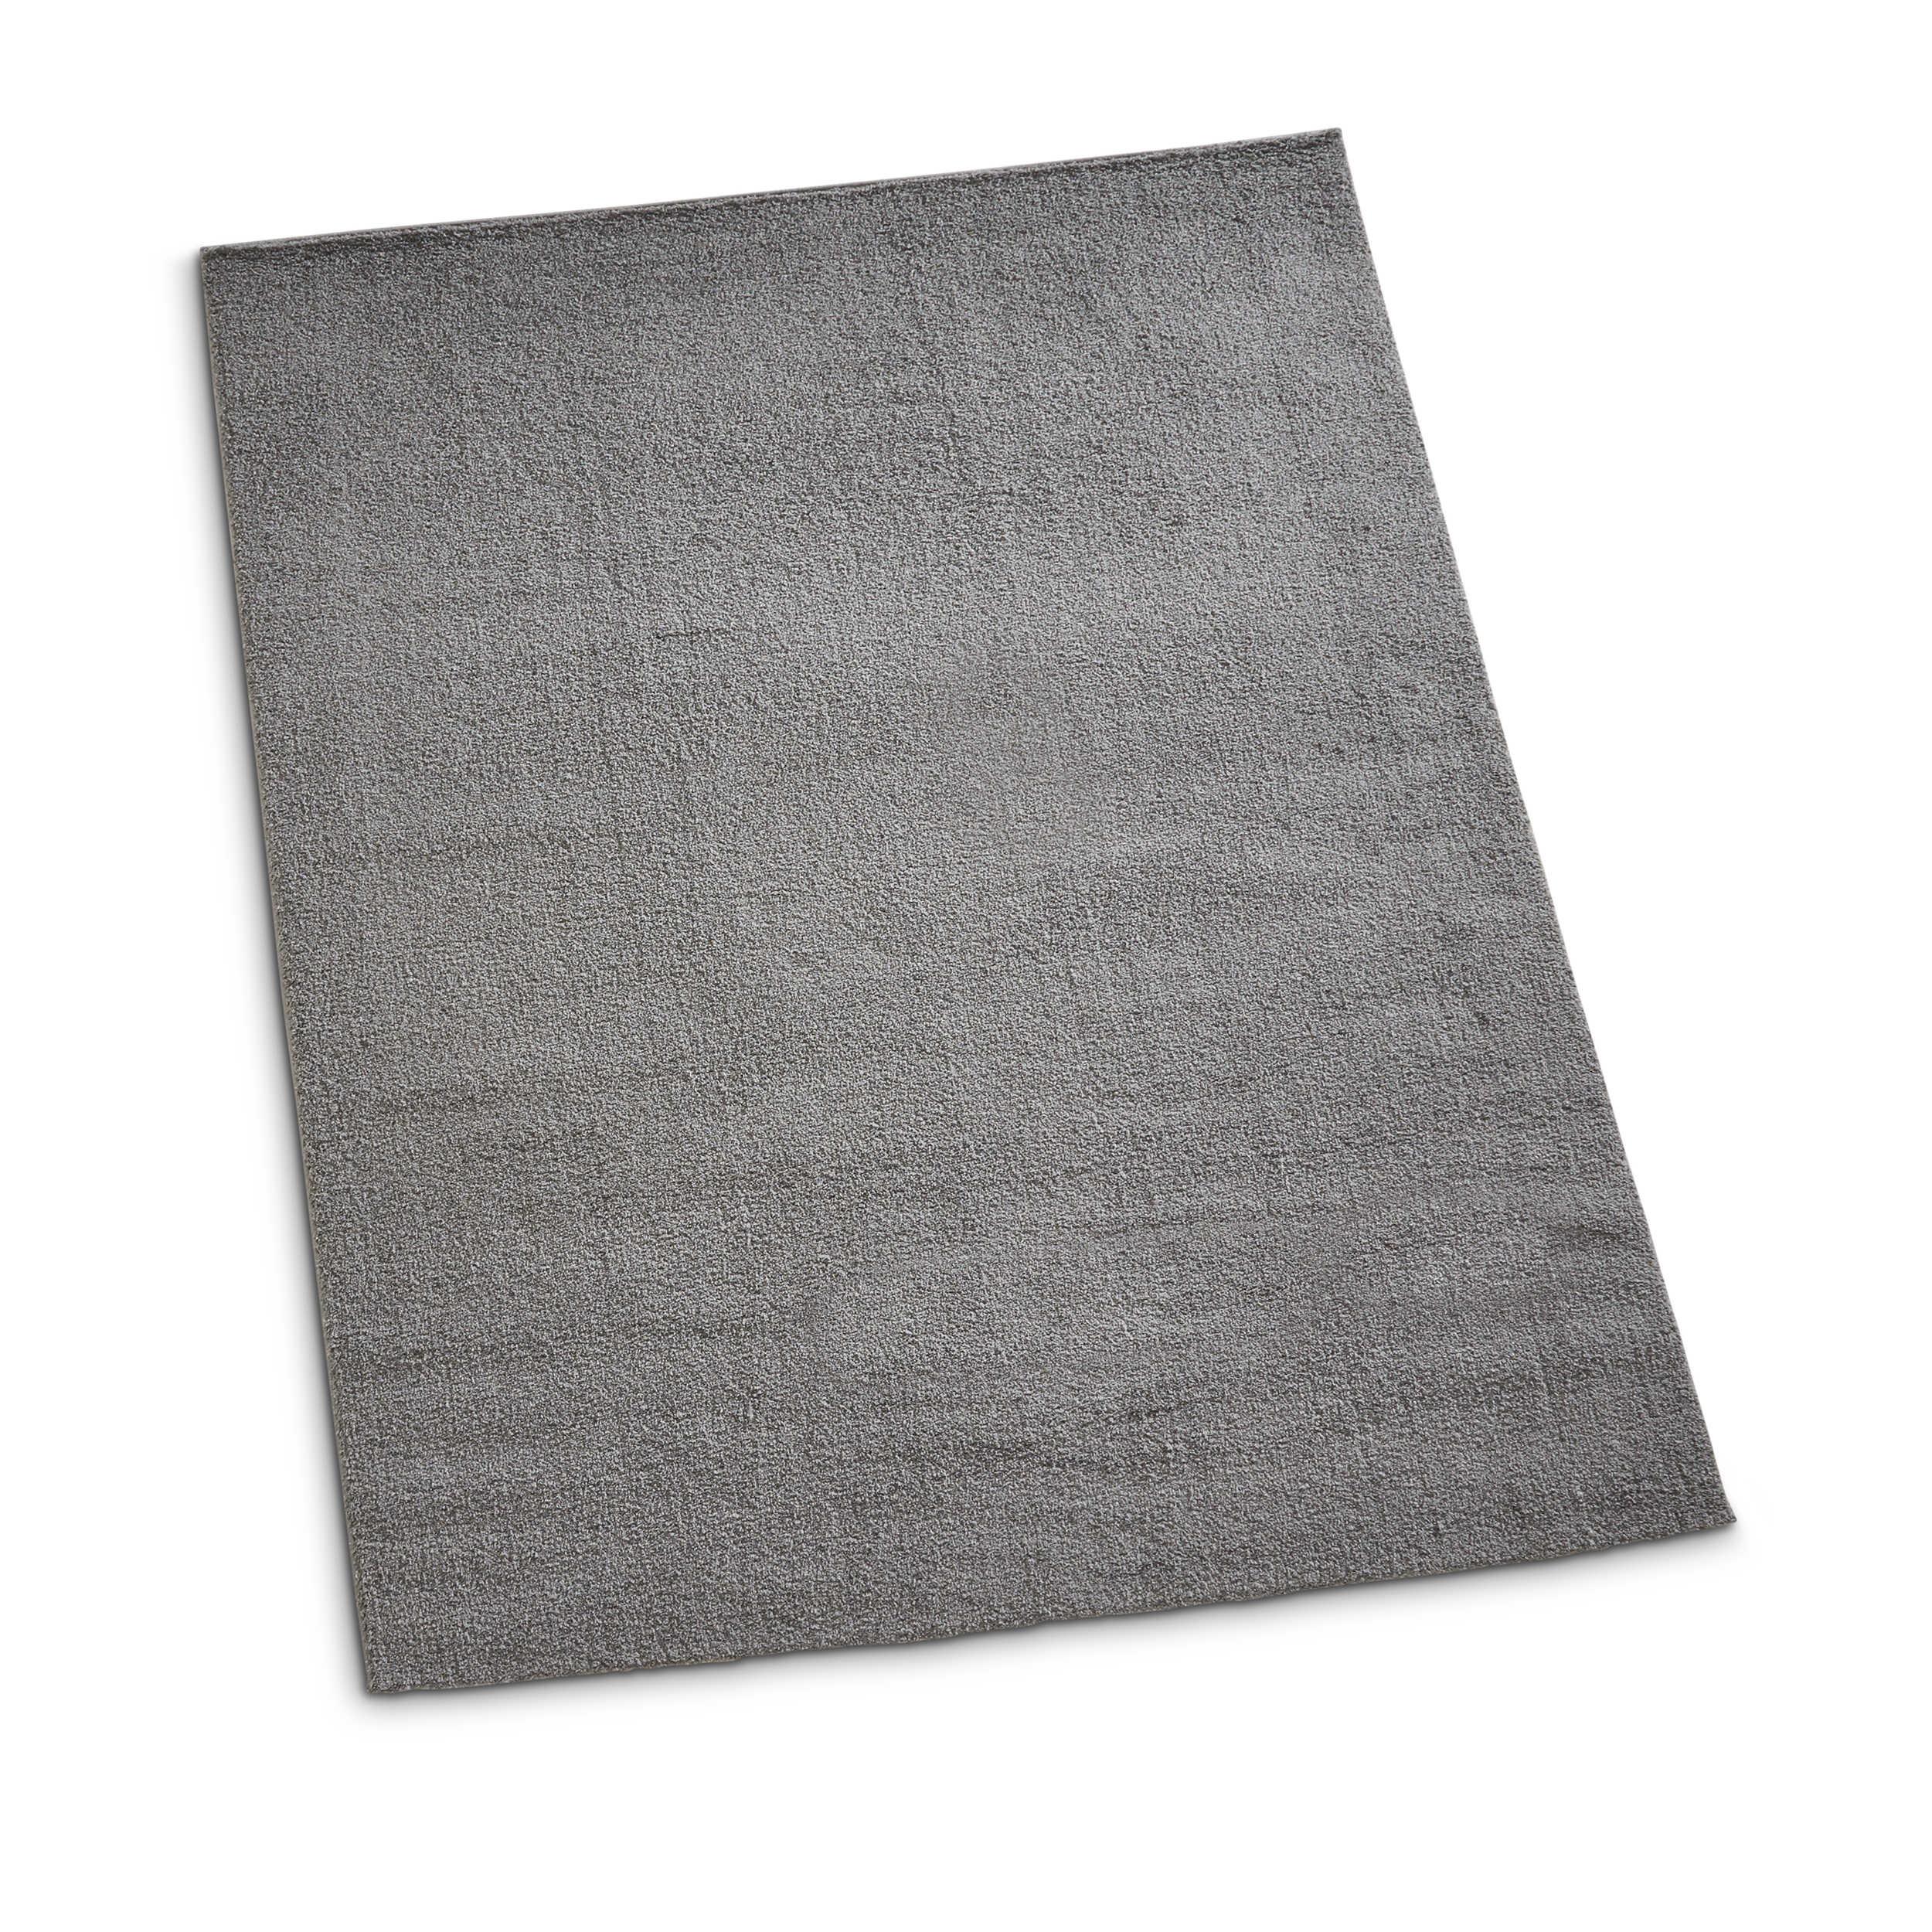 hochflor premio soft 160 x 230 cm grau mikrofaser 160 x 230 cm online kaufen bei woonio. Black Bedroom Furniture Sets. Home Design Ideas